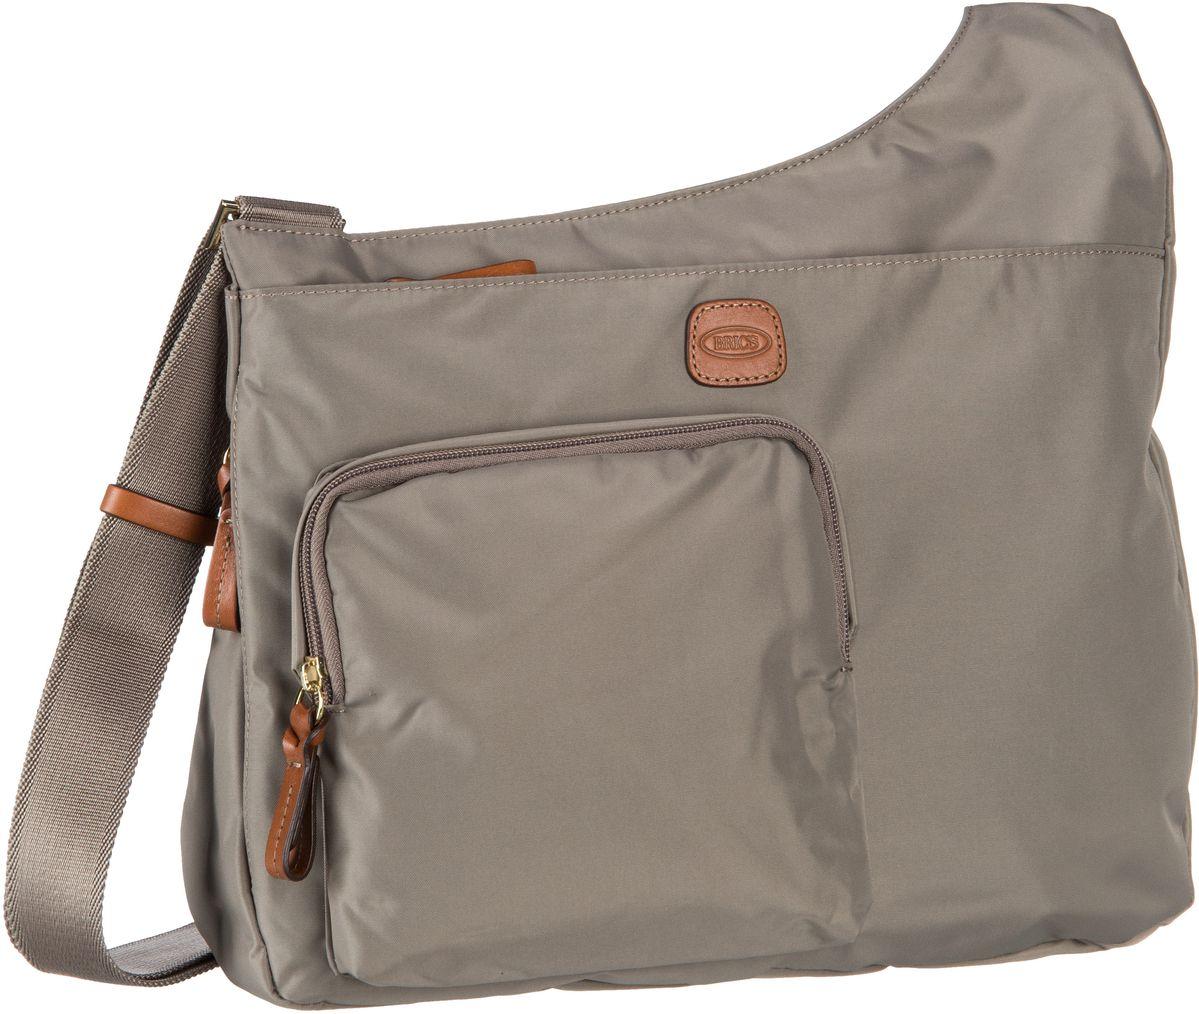 's Umhängetasche X-Bag Damentasche 42732 Tortora